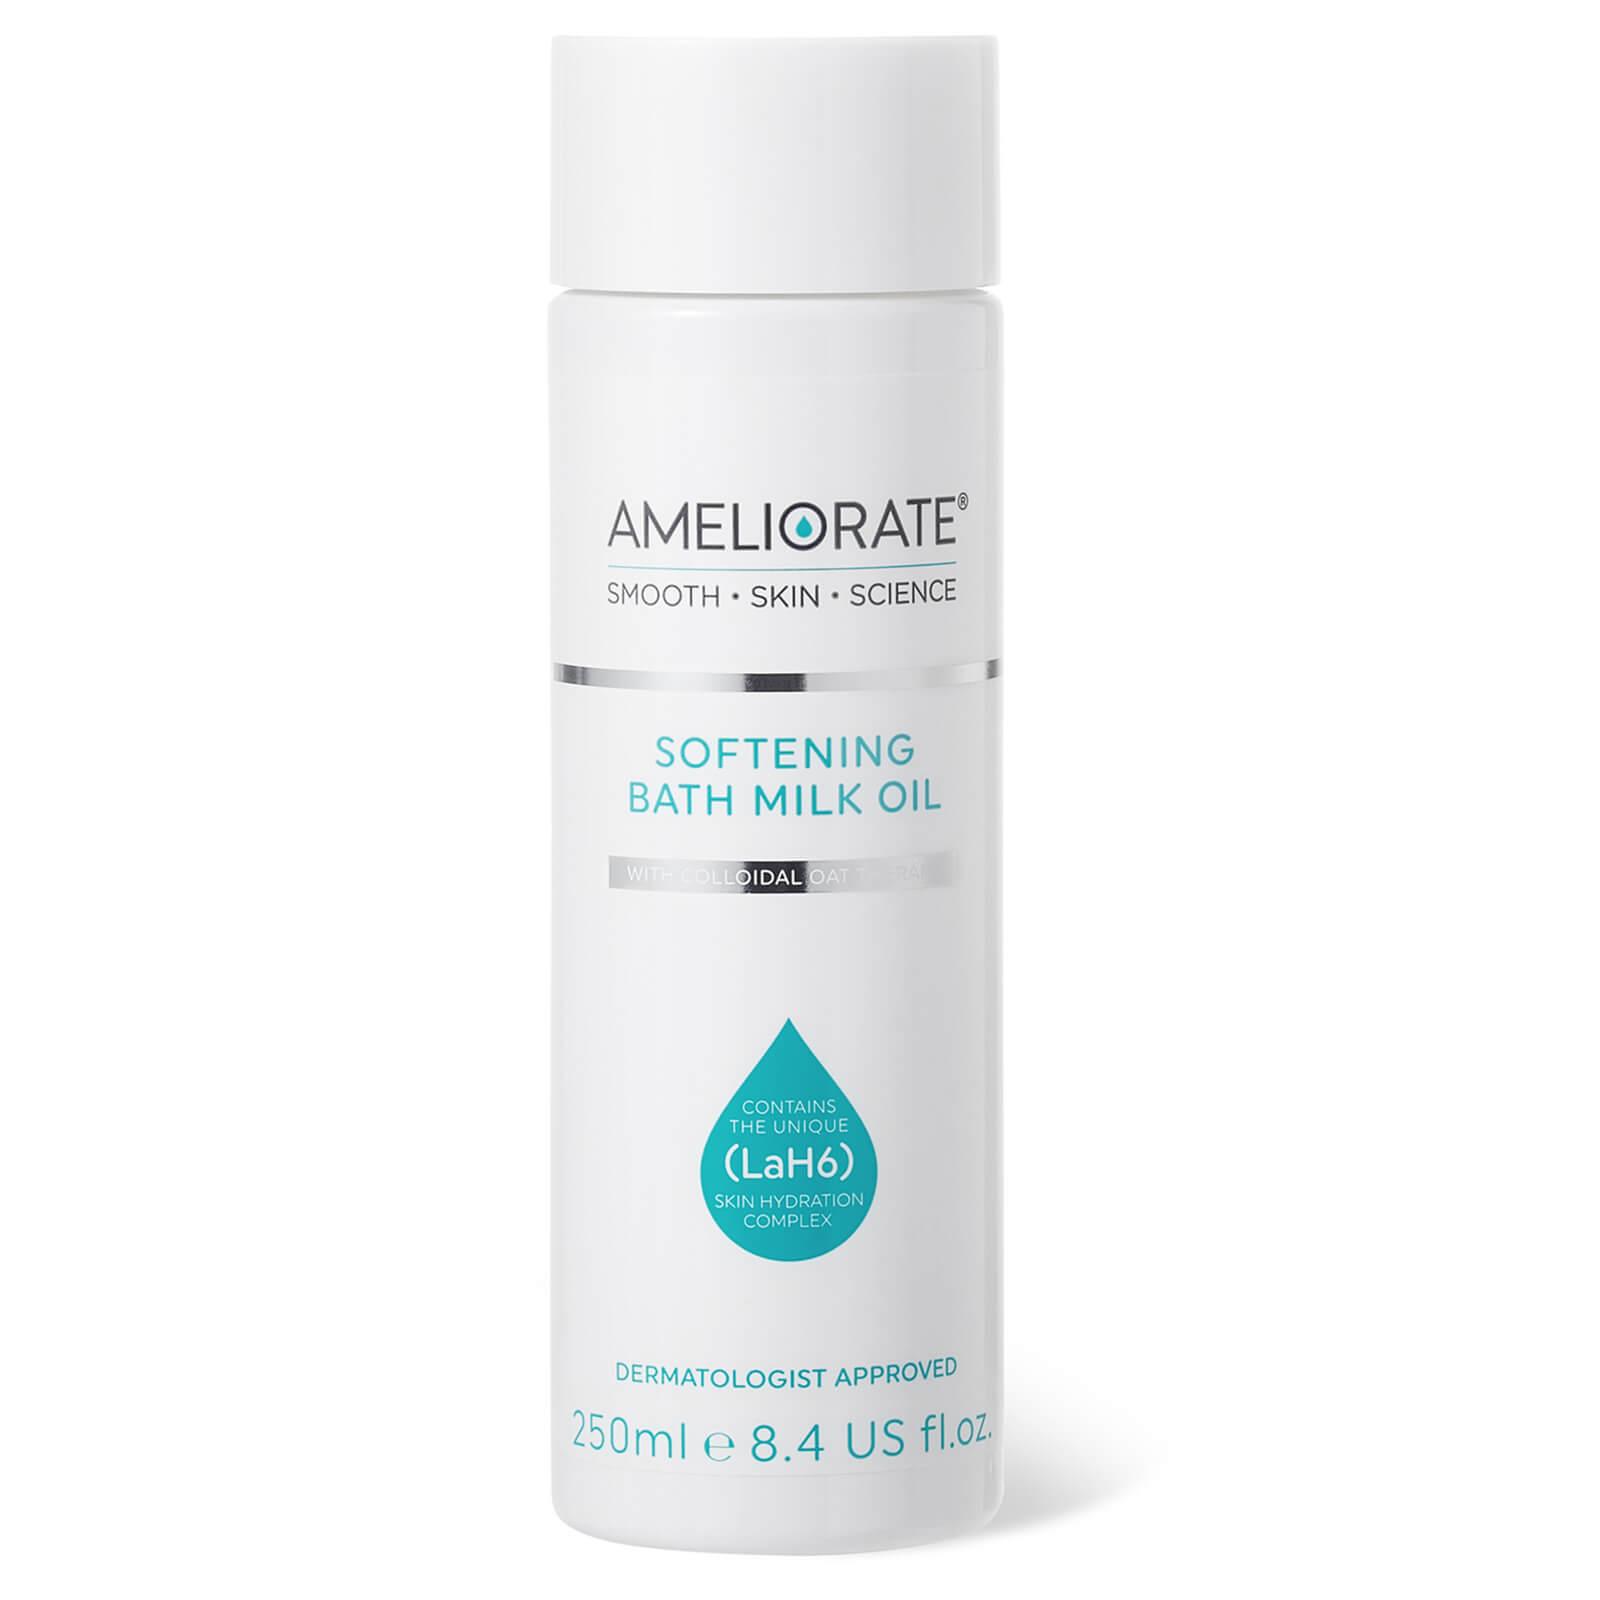 Купить Крем-масло для ванны AMELIORATE Softening Bath Milk Oil 250 мл